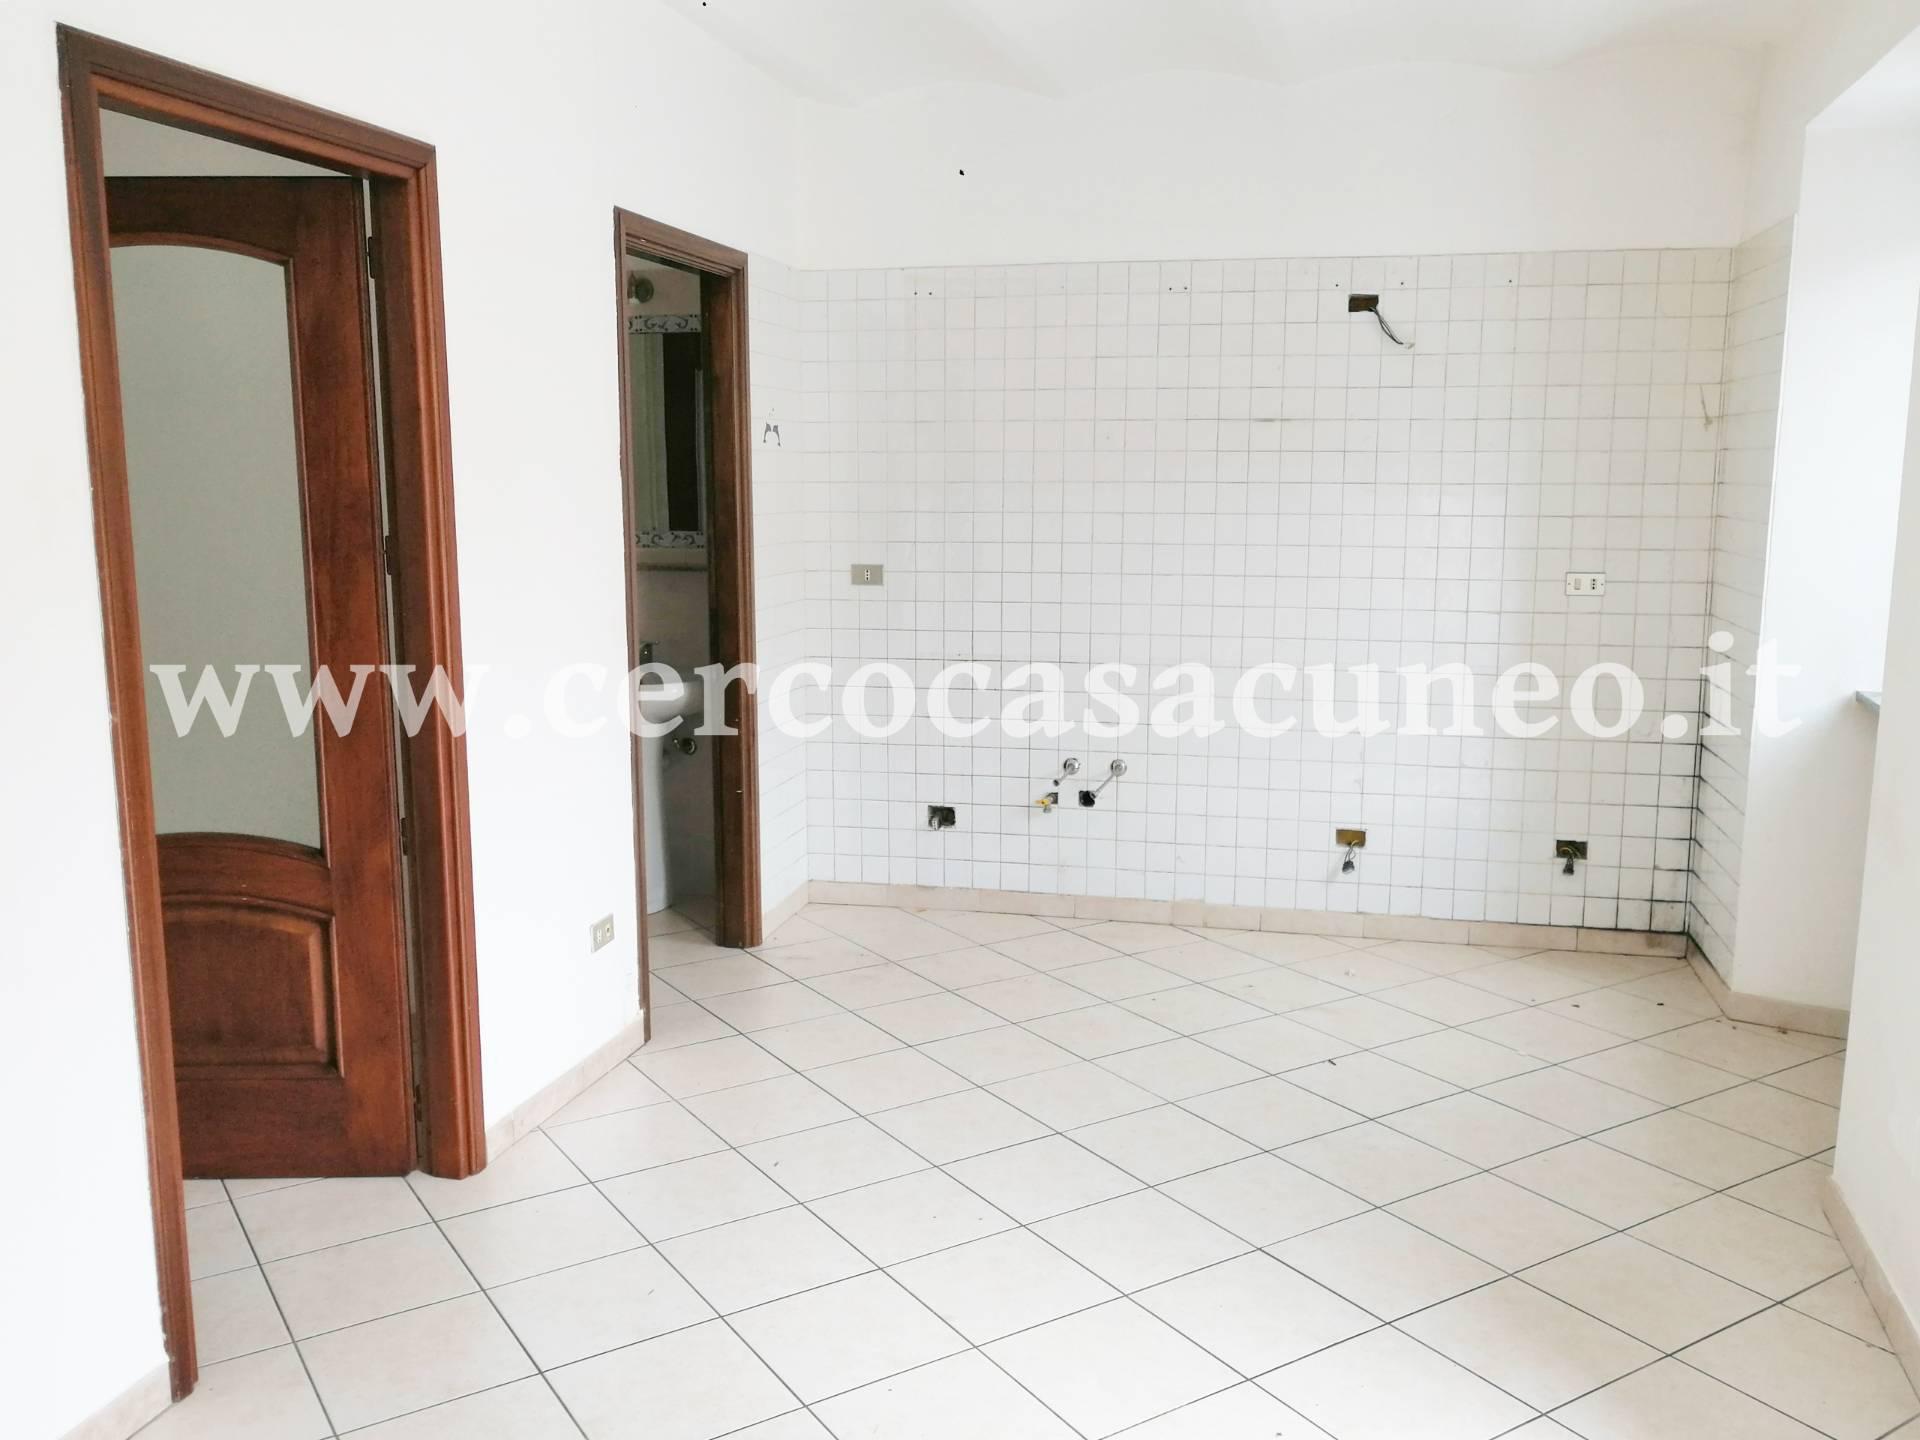 Appartamento in affitto a Boves (CN)